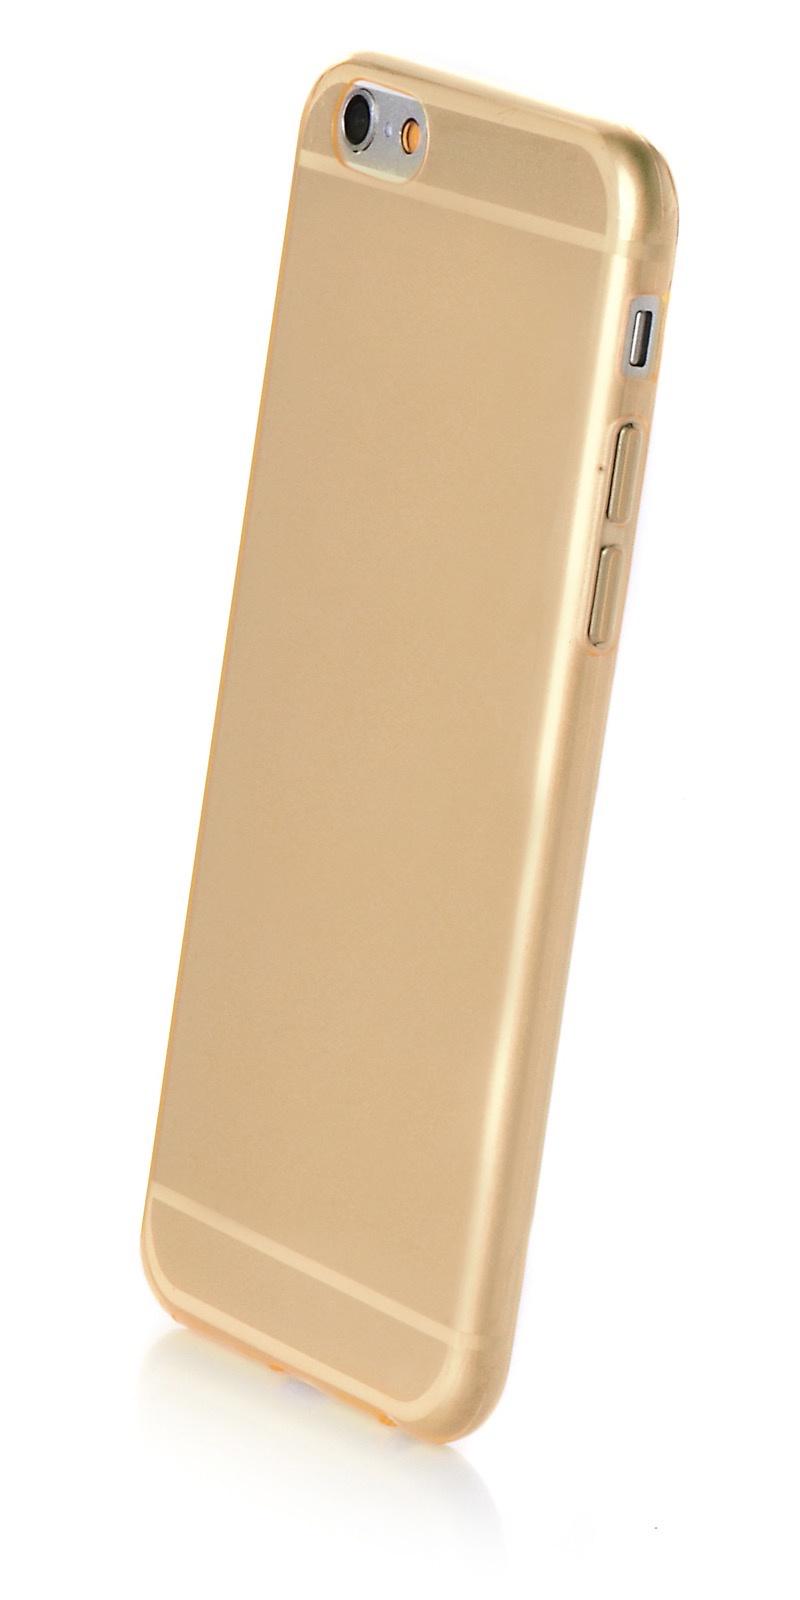 """Чехол для сотового телефона iNeez накладка силикон 0.3 mm глянцевый 620071 для Apple iPhone 6 Plus/6S Plus 5.5"""", золотой"""